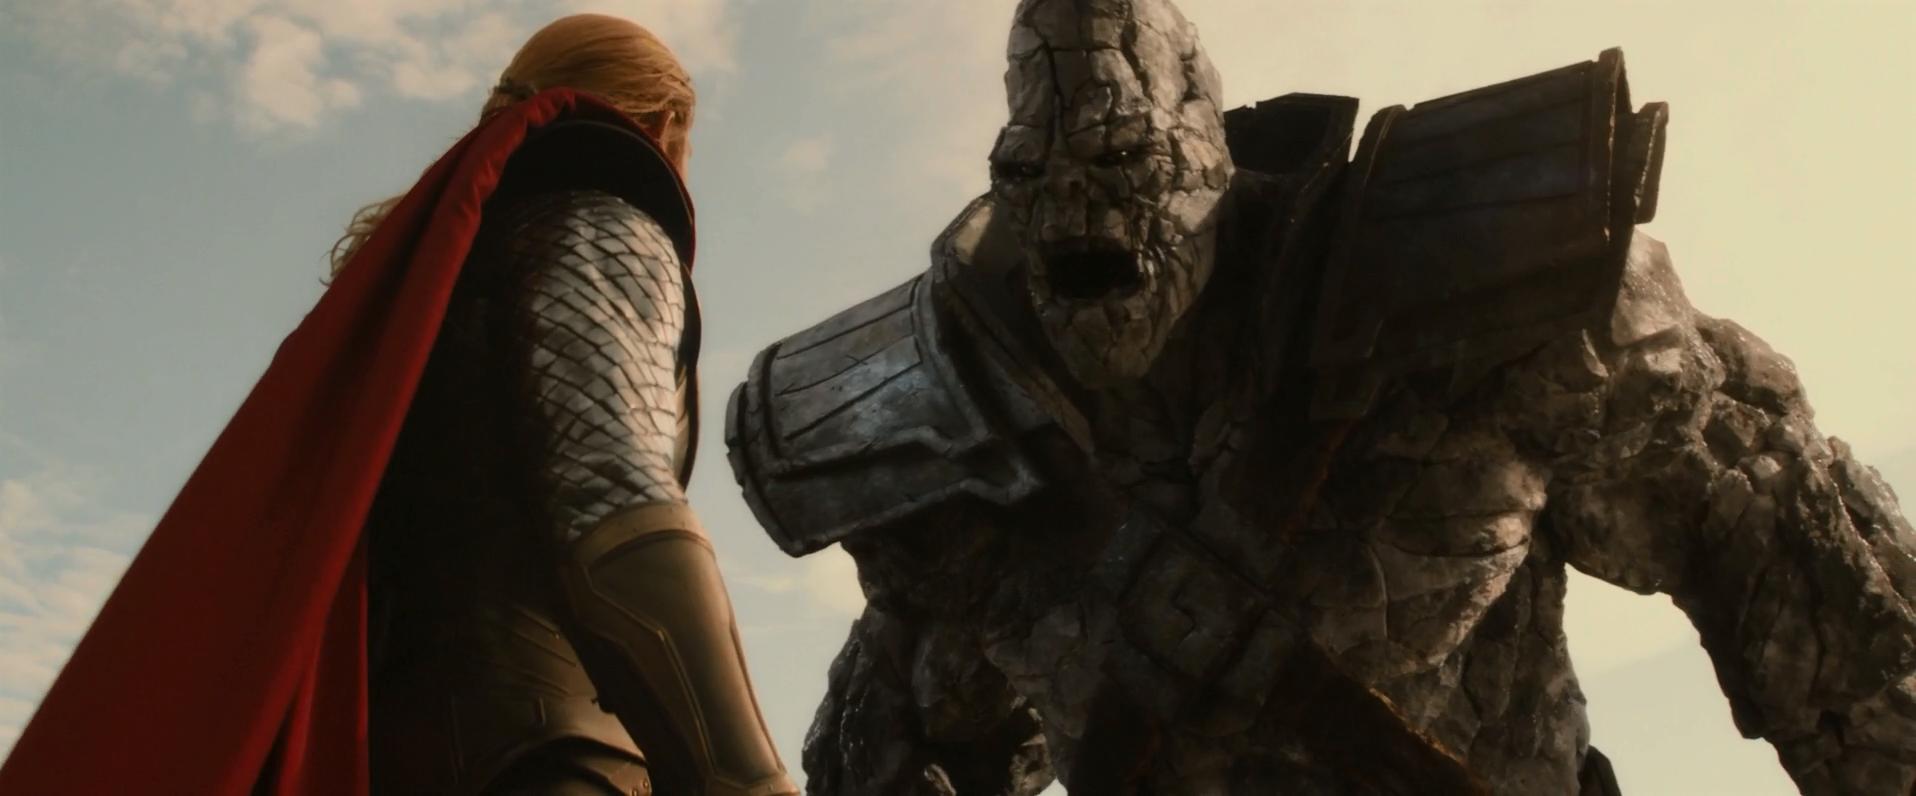 Image Thor Vs Korg Png Marvel Cinematic Universe Wiki